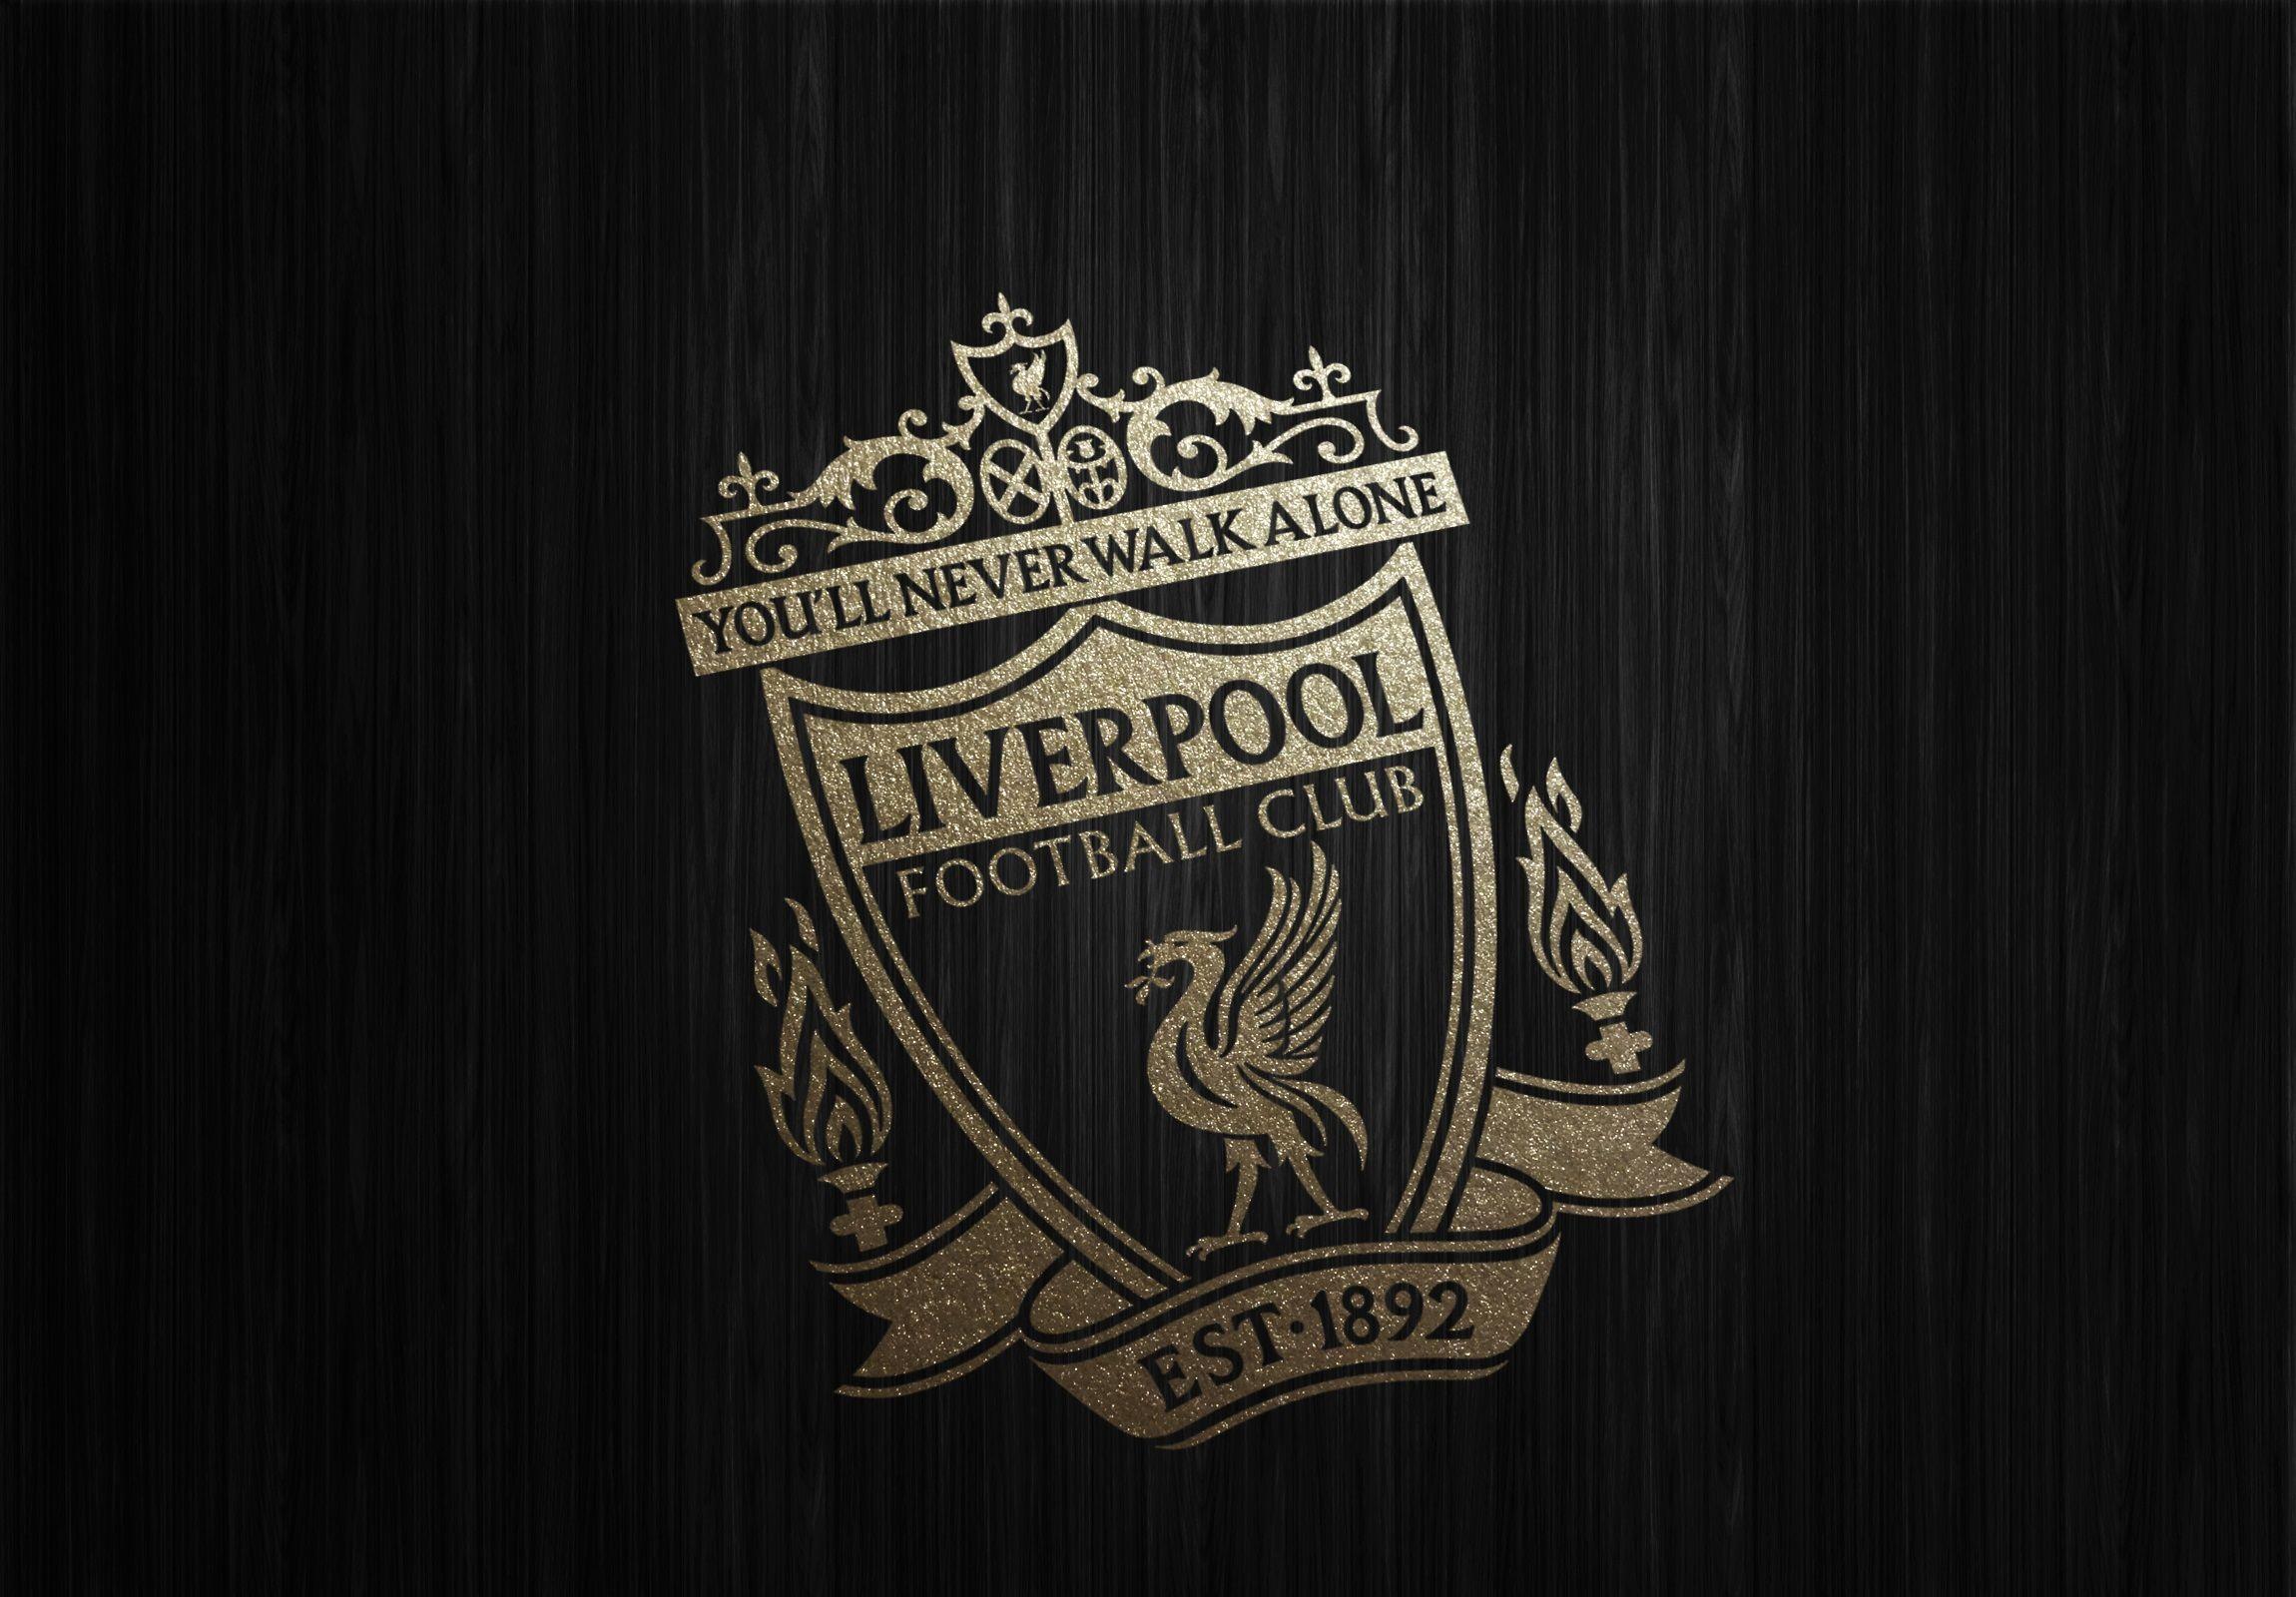 2300x1600 Free Download Liverpool Backgrounds | PixelsTalk.Net